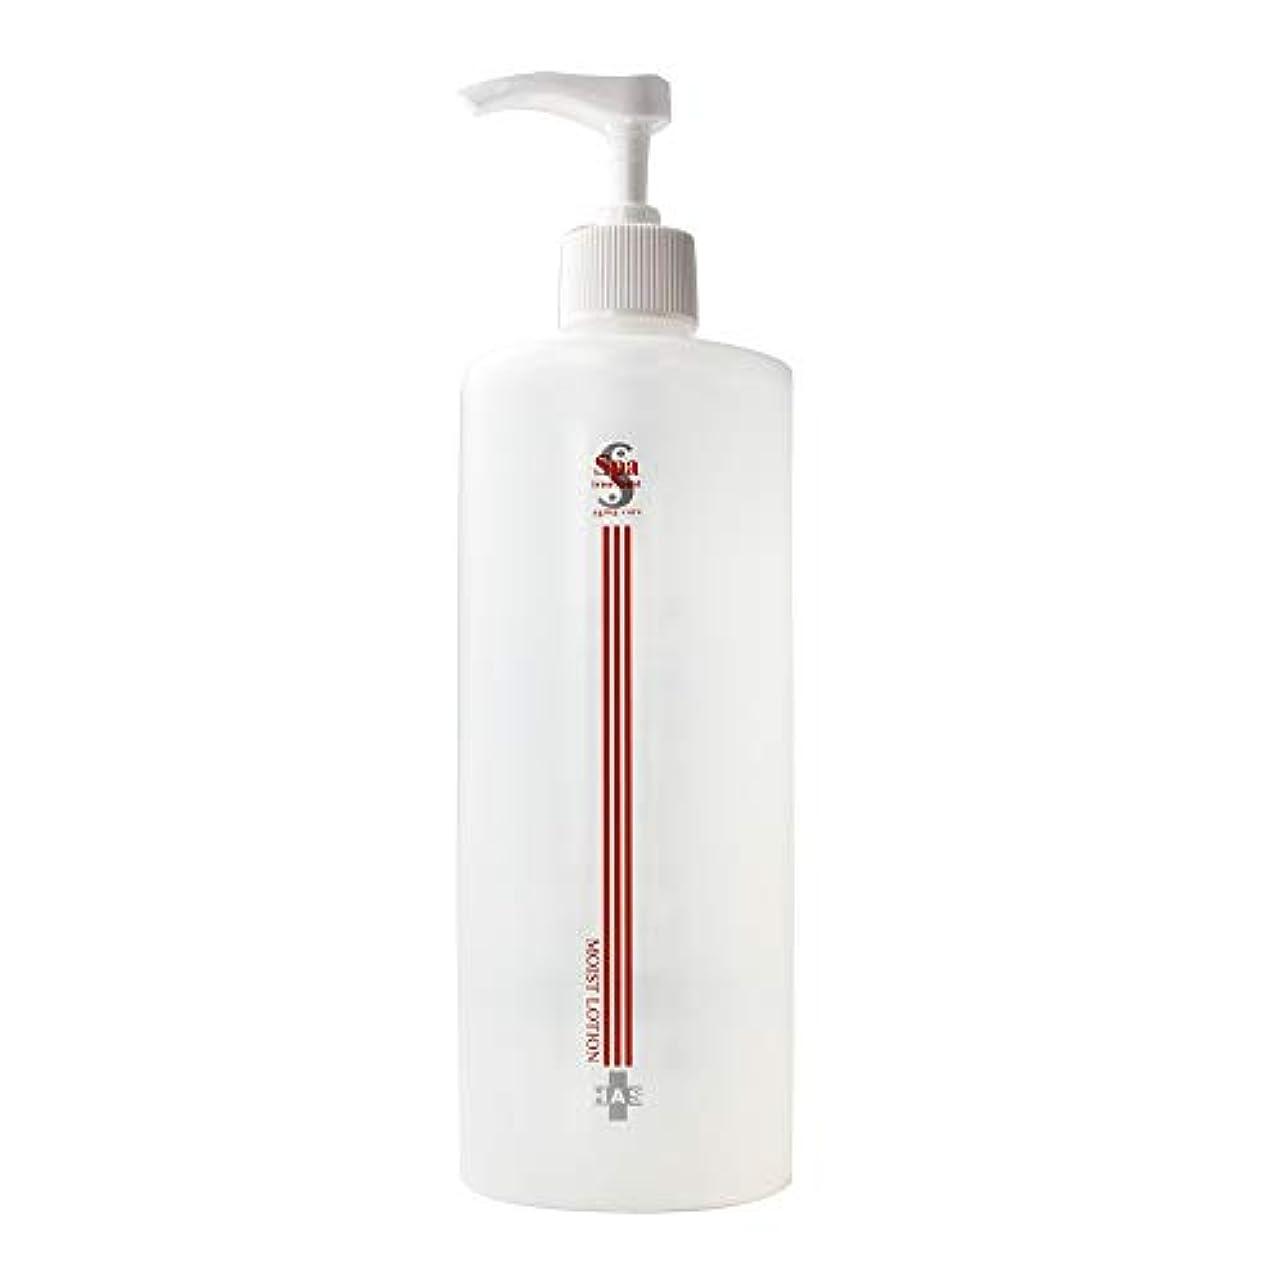 トリッキーグリル請負業者ウェーブコーポレーション スパトリートメント HAS モイストローション 500ml 化粧水